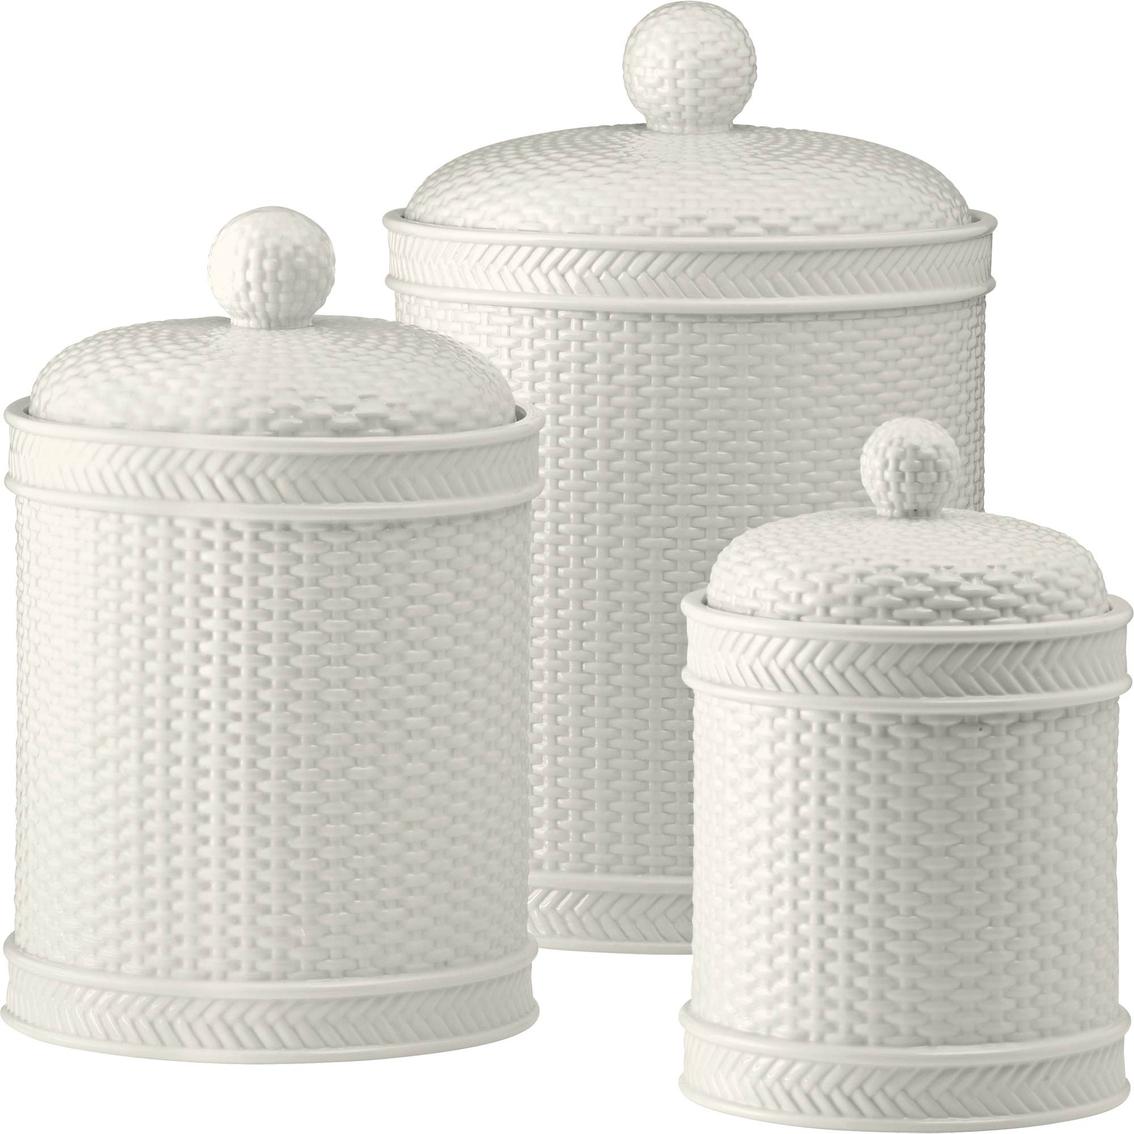 stewart kitchen canisters martha stewart collection whiteware basketweave 3 pc